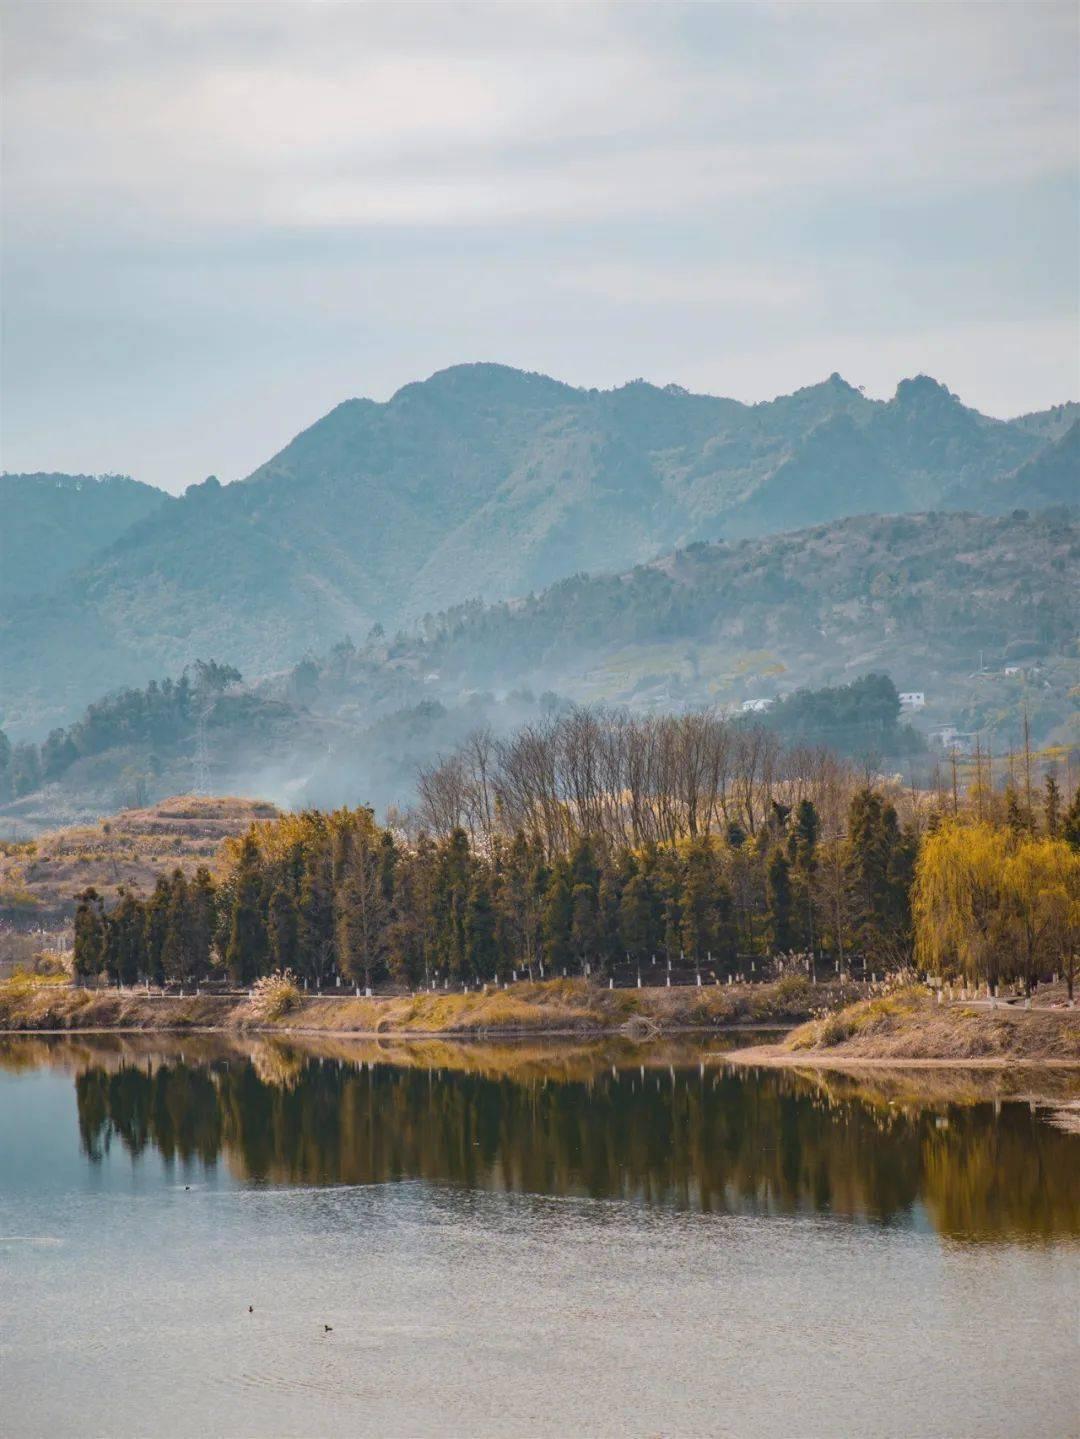 春日踏青季 |恰逢春日好时节来油画里的秘境湖泊吧